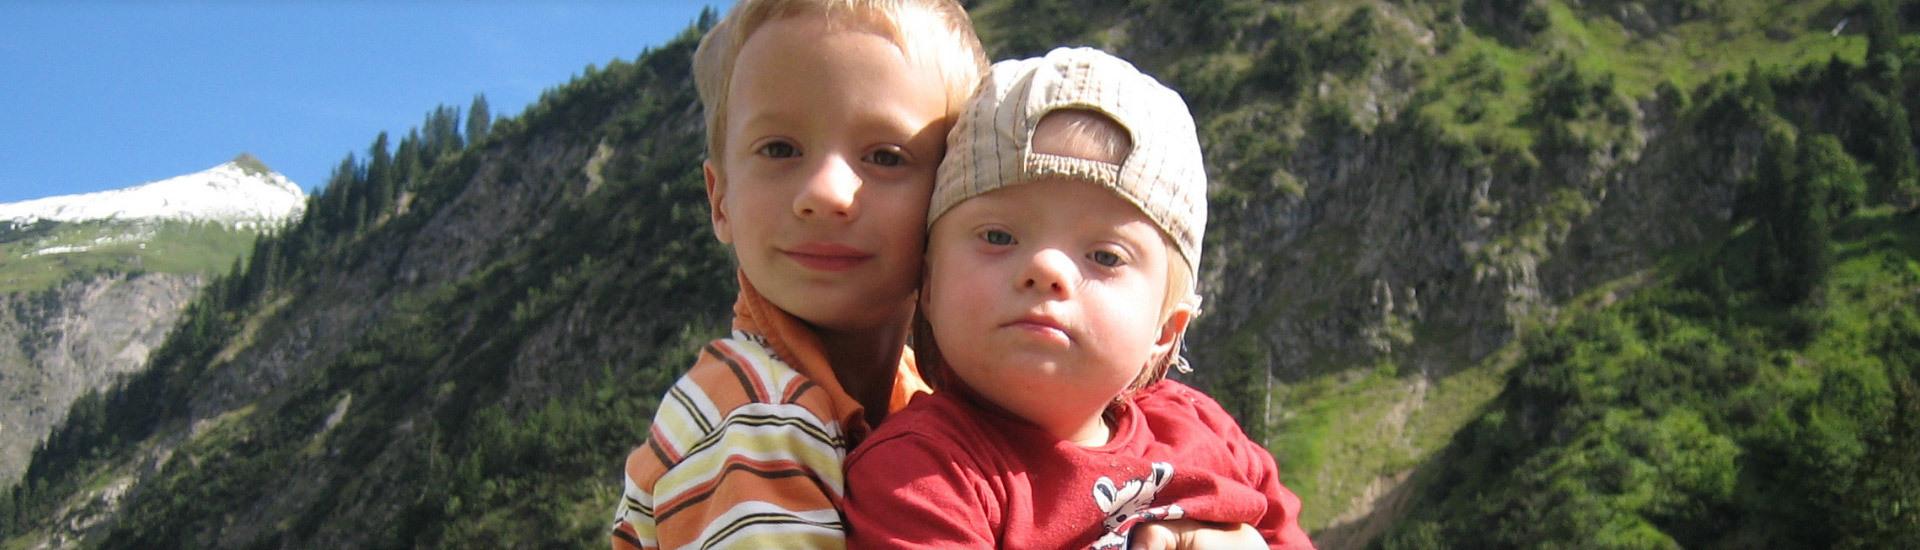 Geschwister in den Bergen